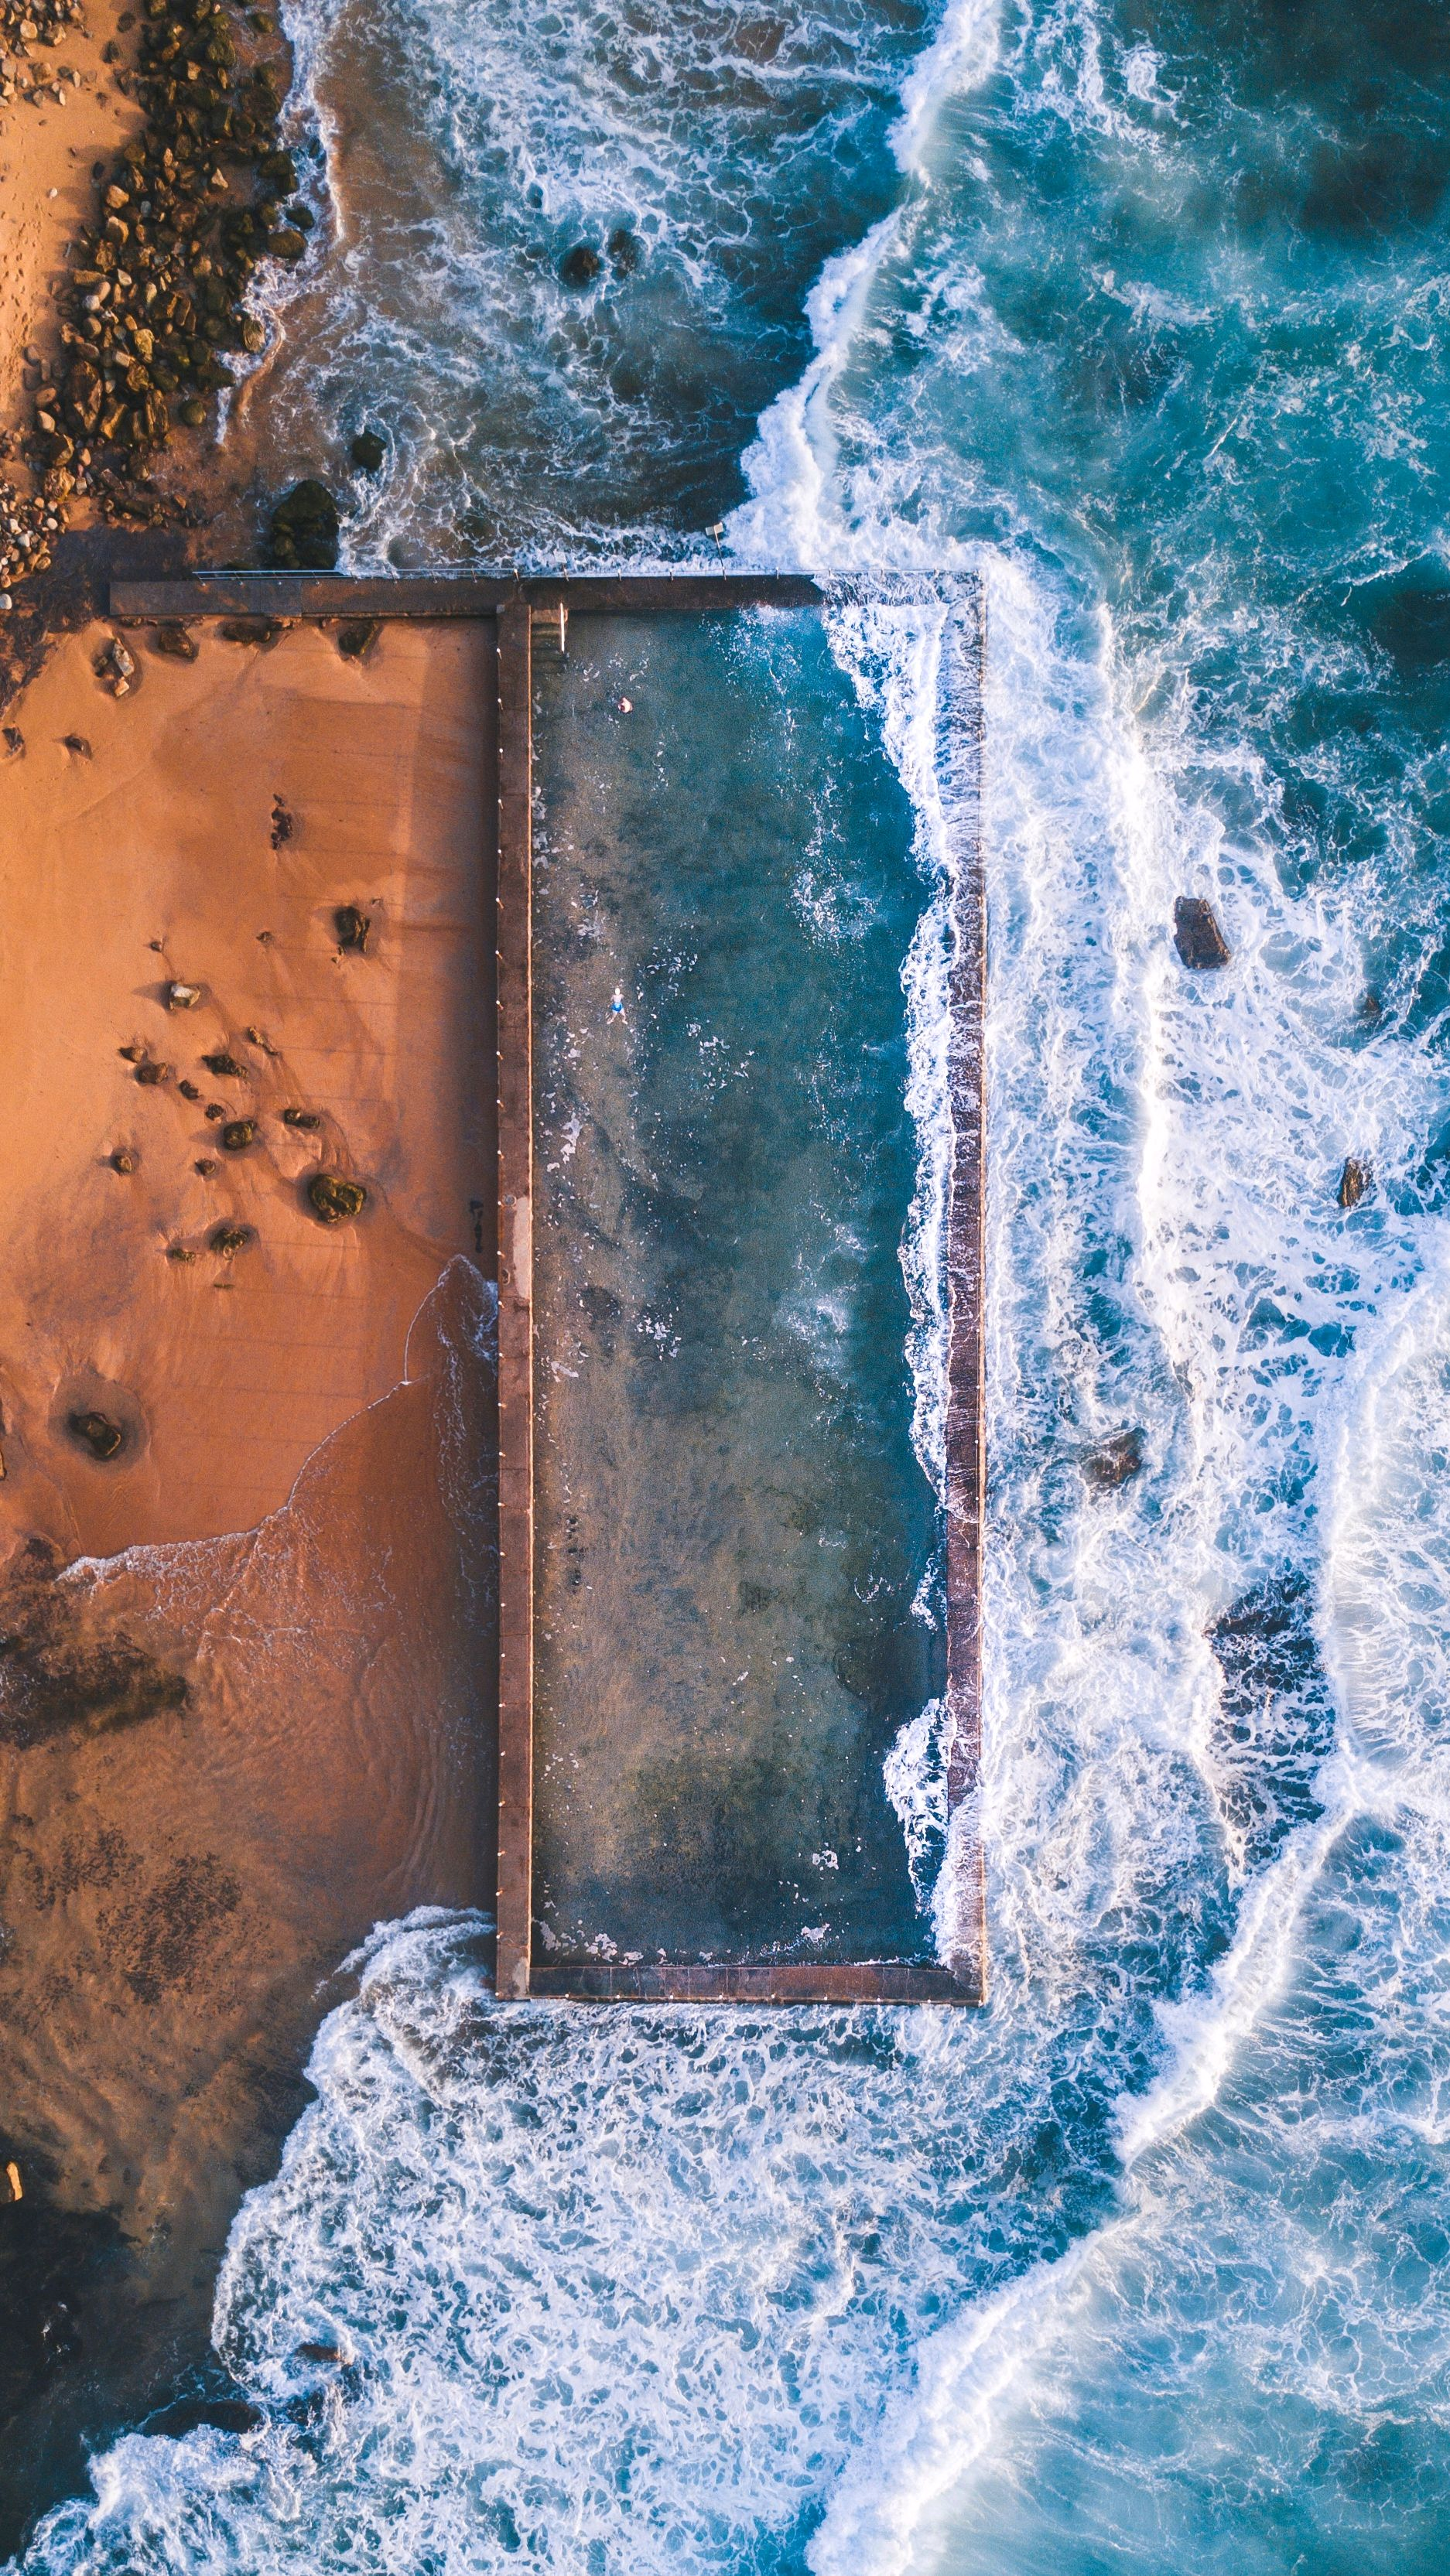 Aerial-View-At-Beach-Rocks-Ocean-iPhone-Wallpaper - iPhone ...